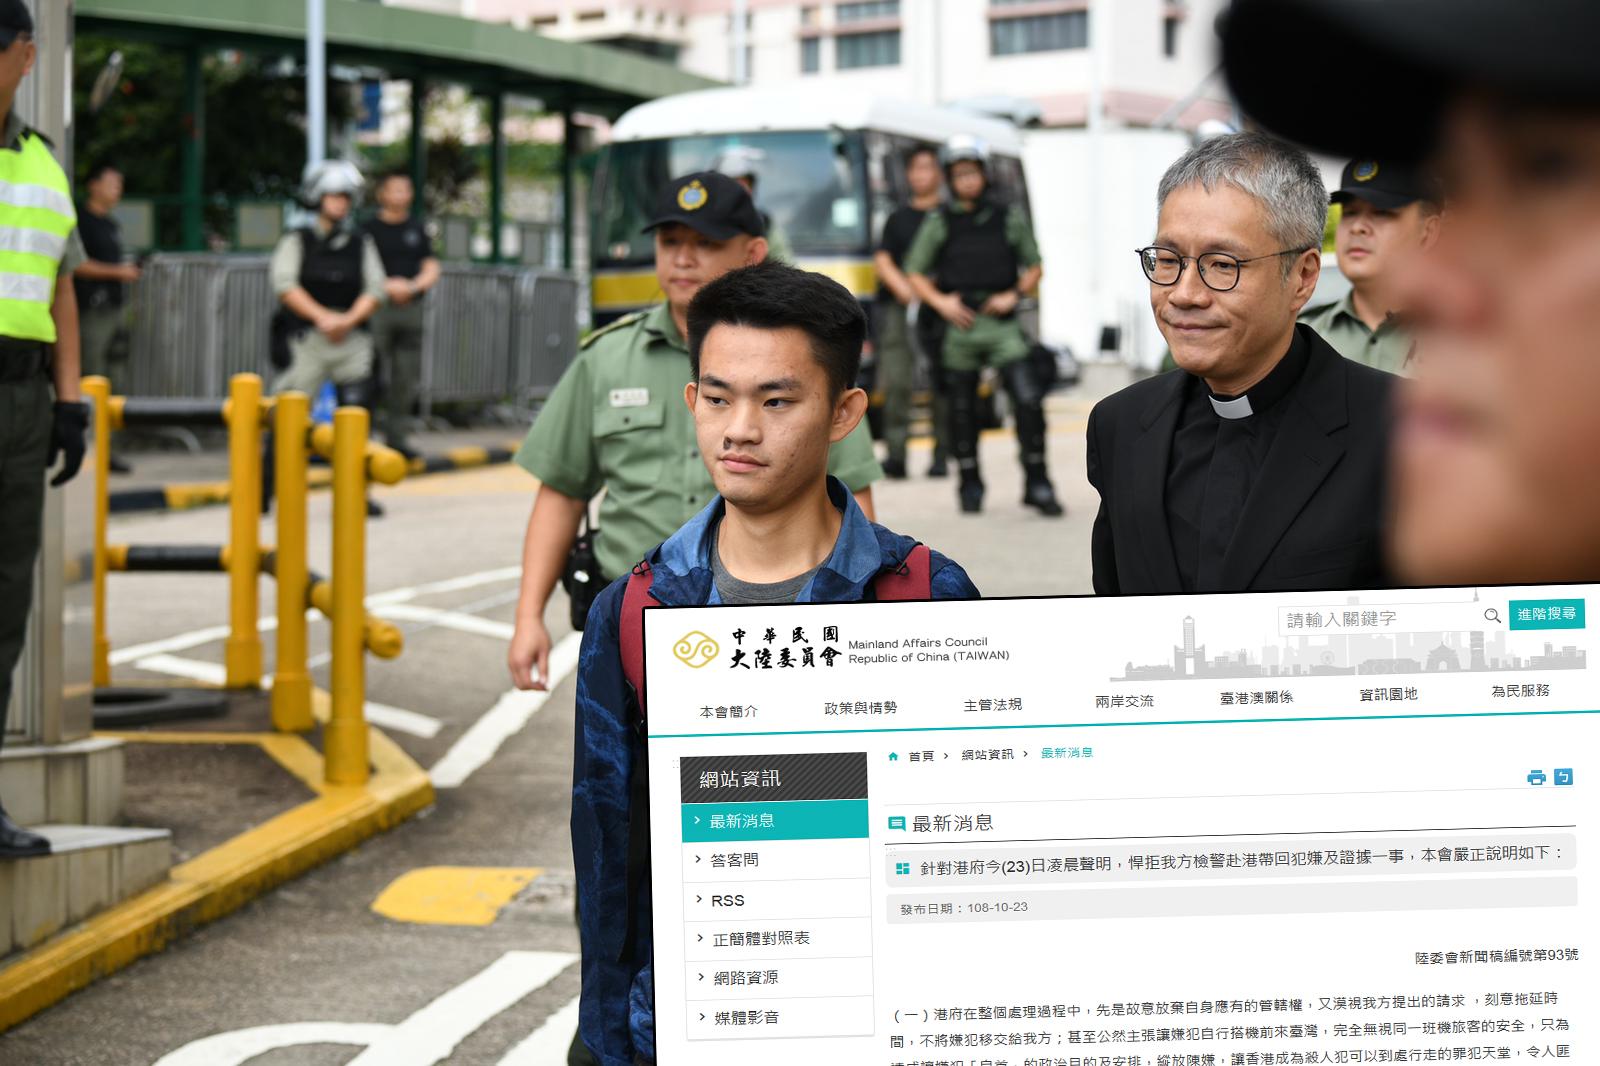 陸委會再發聲明,批港府漠視移交請求做法匪夷所思。 陸委會網站截圖